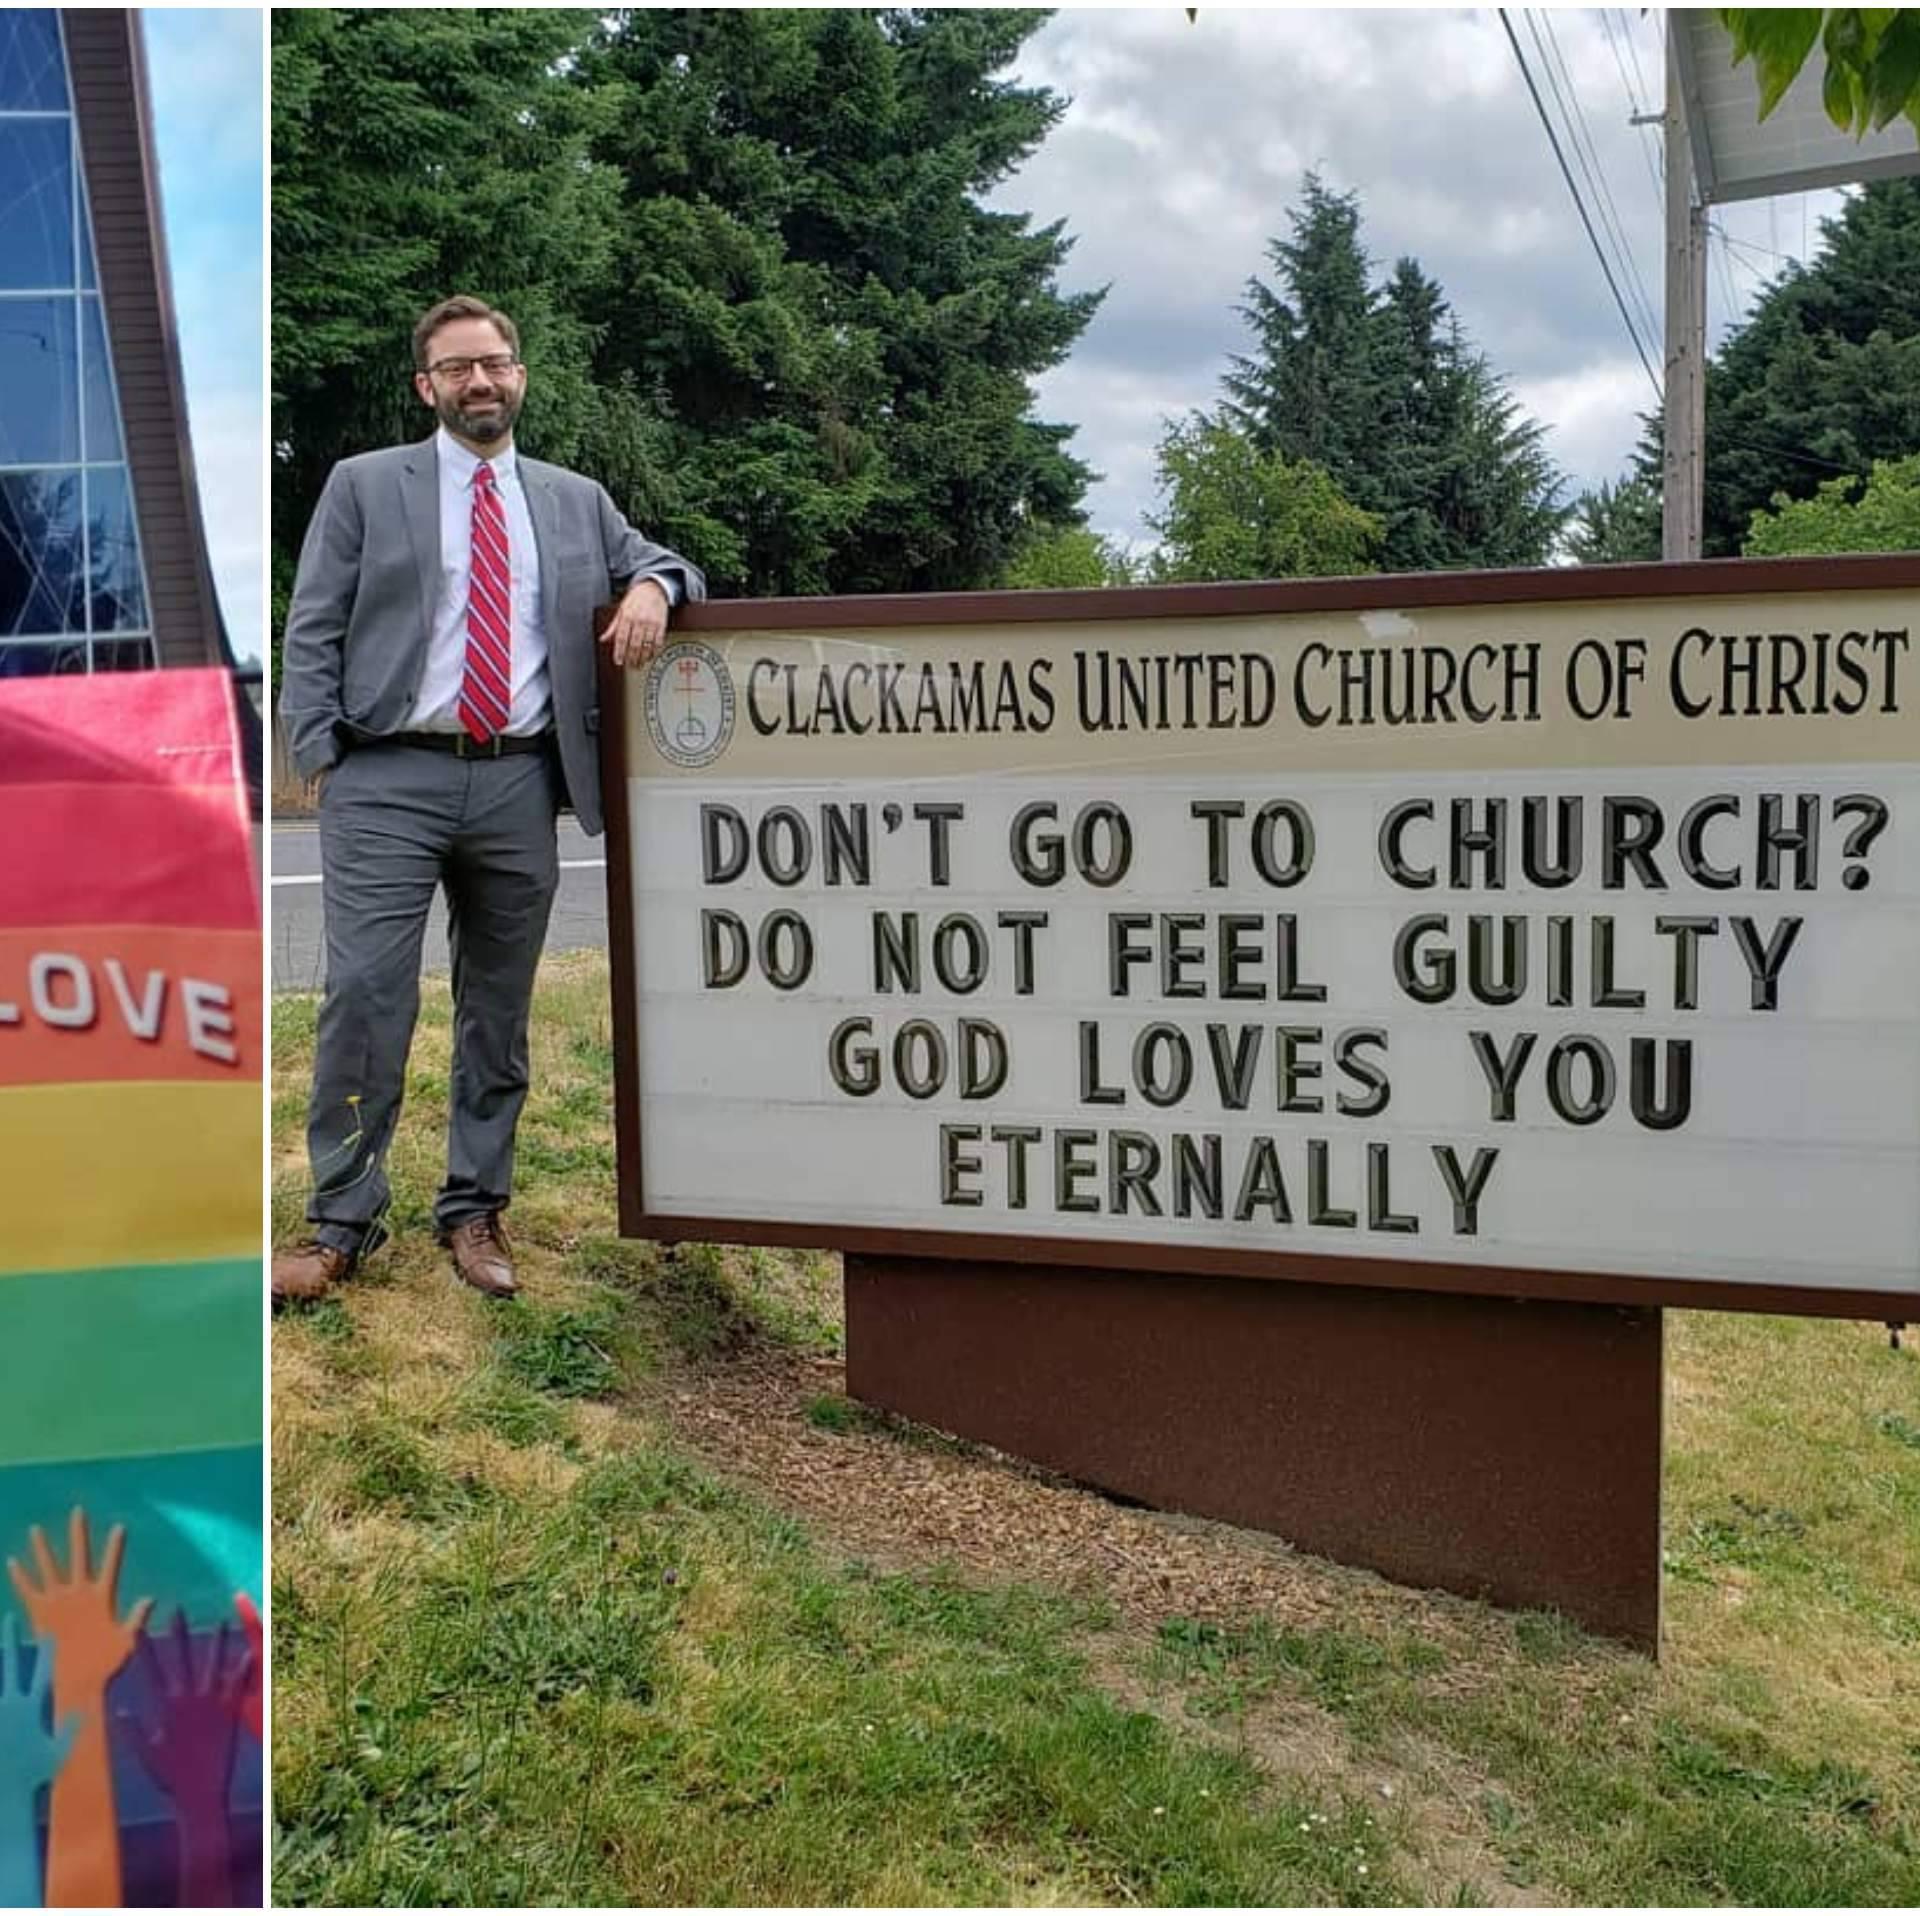 Ova crkva podržava imigrante, homoseksualce, muslimane...